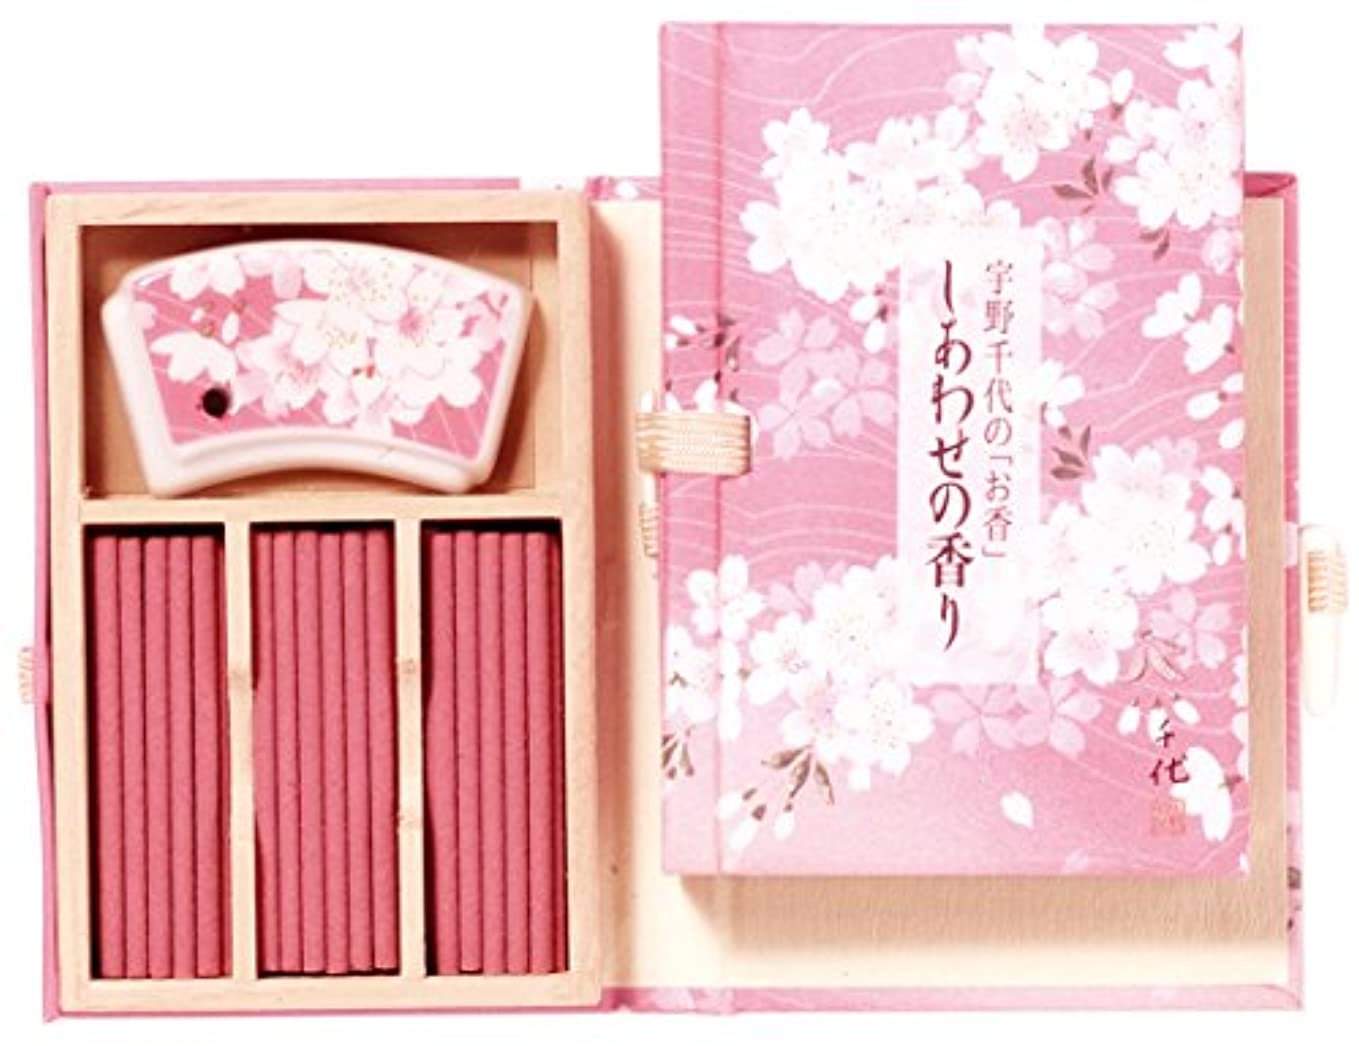 うれしい迷惑却下する宇野千代 しあわせの香り スティック36本(桜香立付)